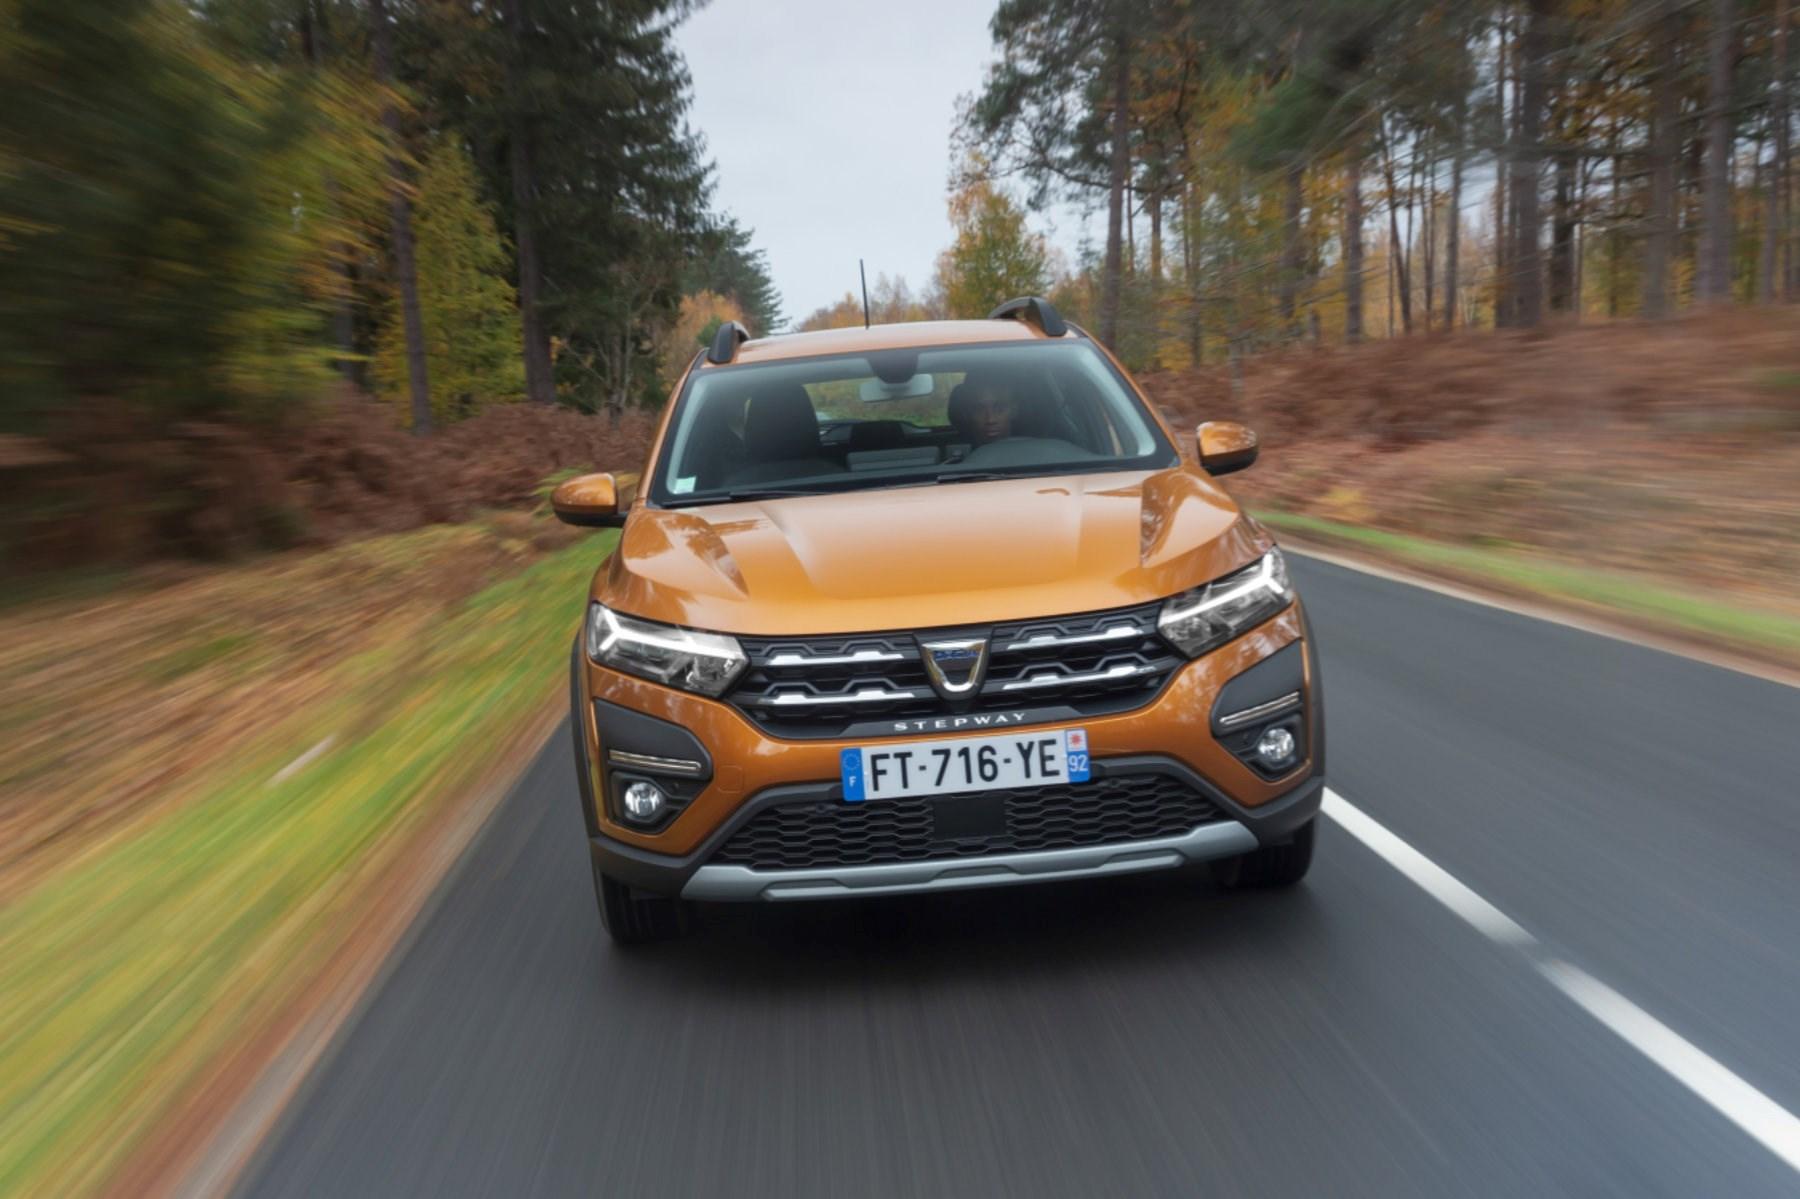 Dacia Sandero Stepway verdict